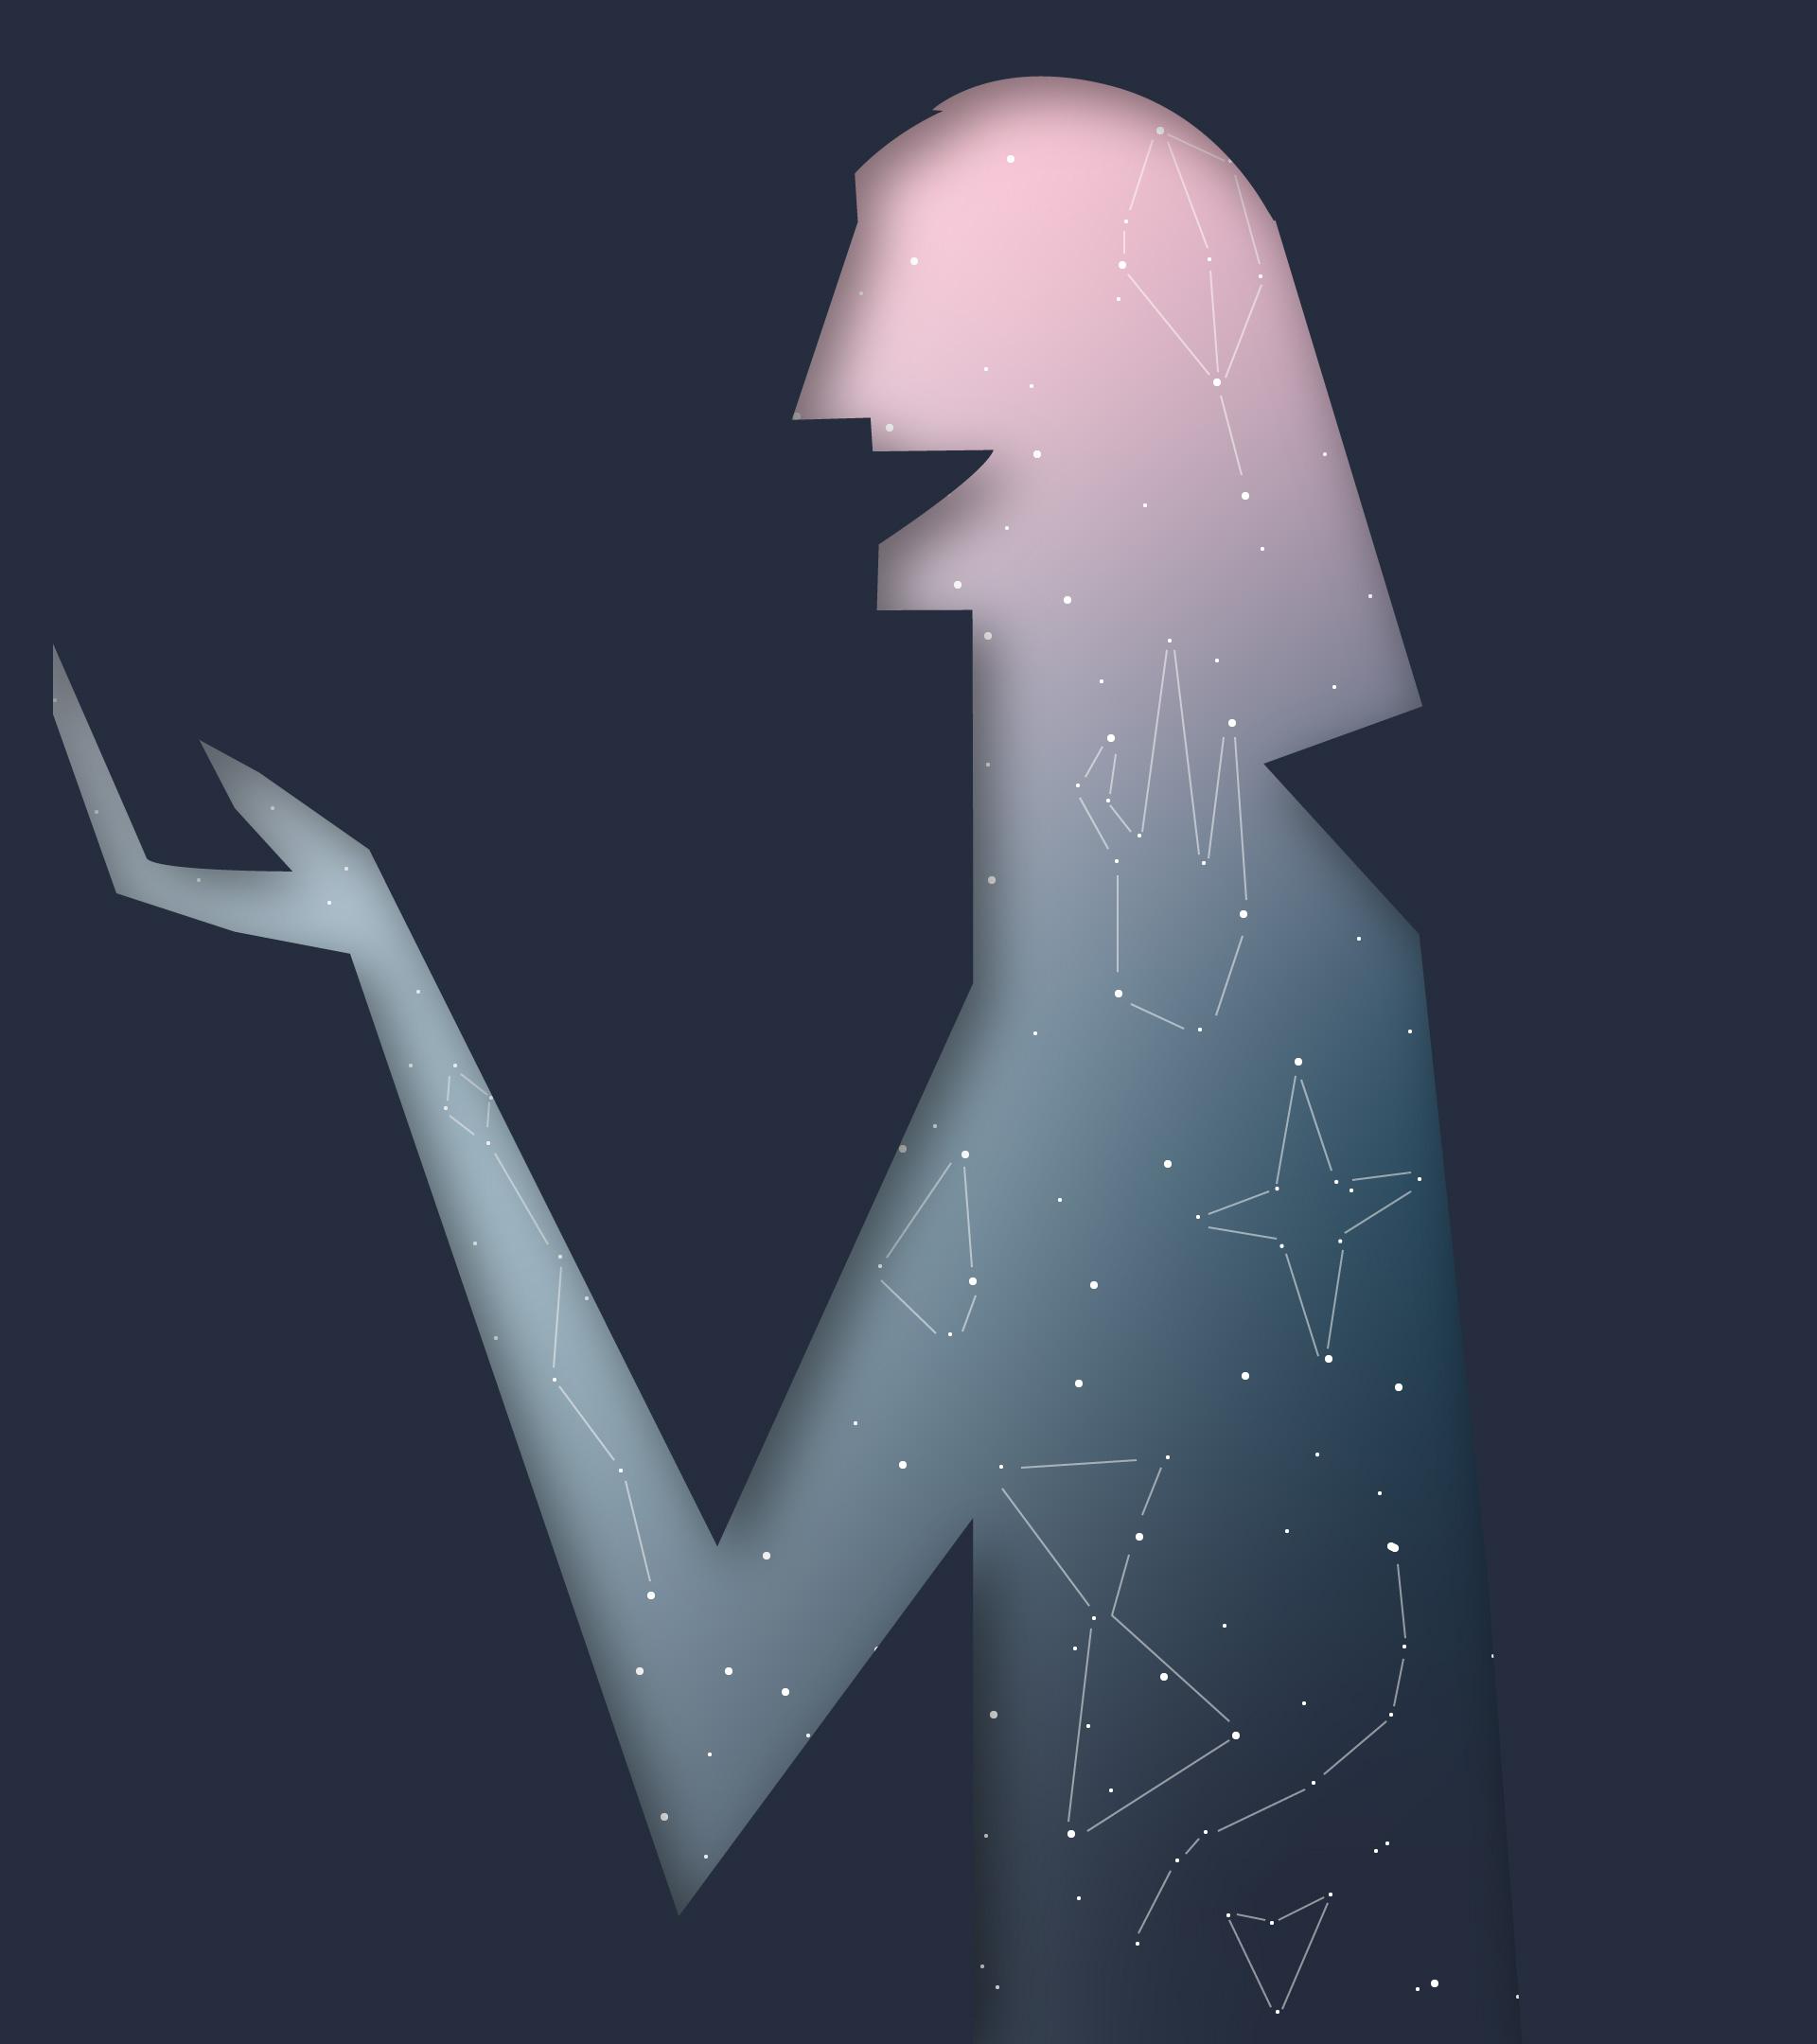 Silueta del personaje hablando, en el fondo están las estrellas y las constelaciones del firmamento.